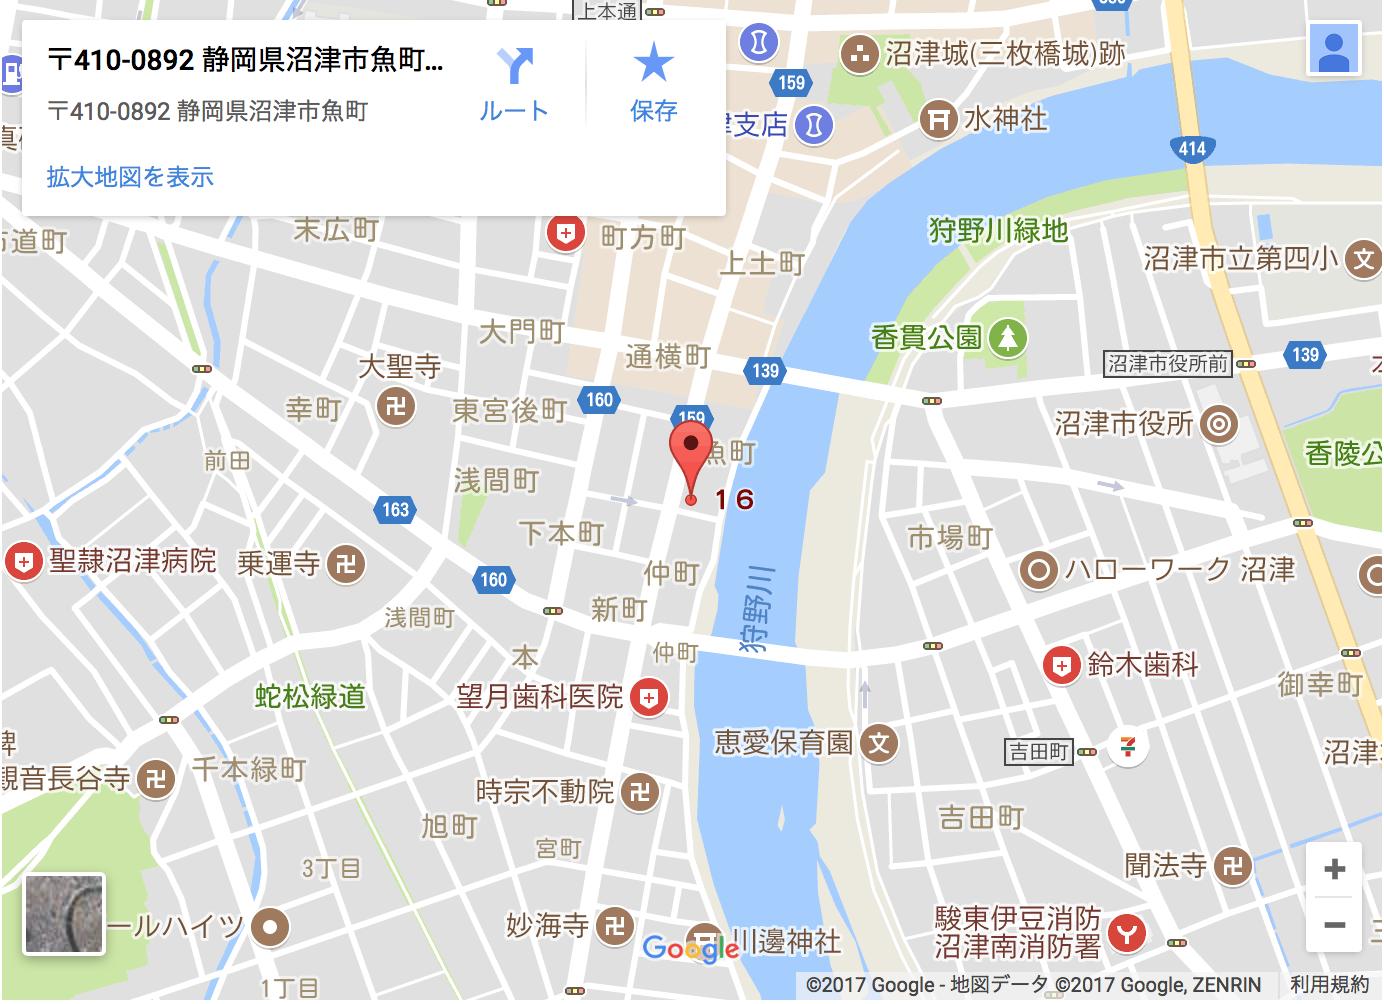 pa-s-map